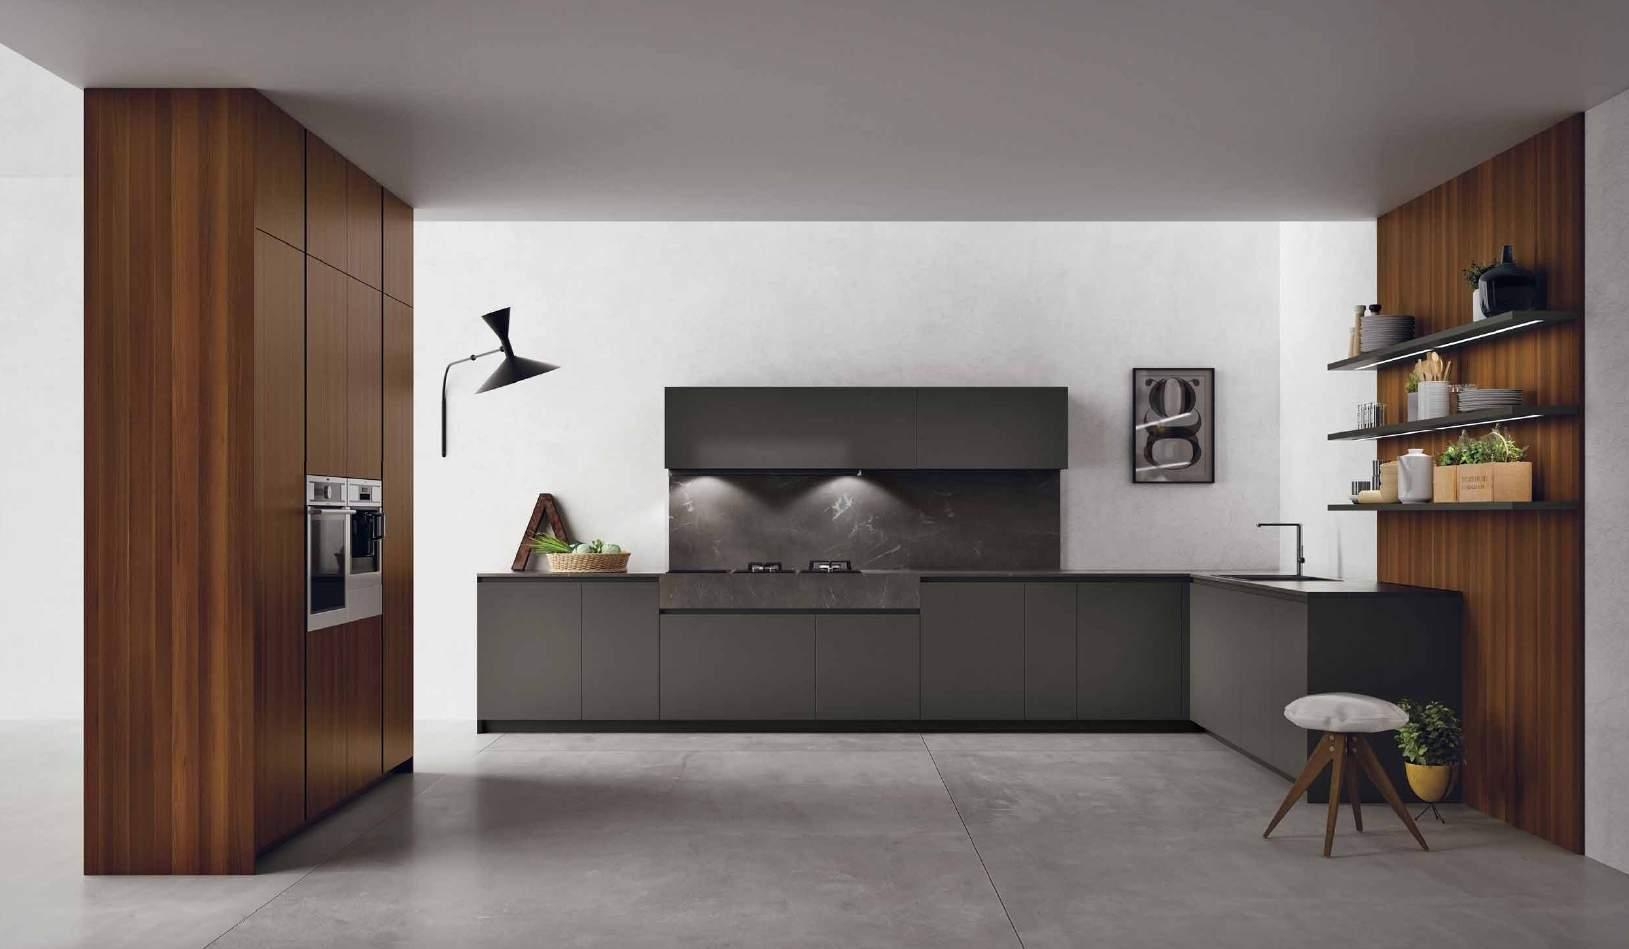 Doimo cucine e il nuovo modello materia teti arredamenti for Cucina e roma